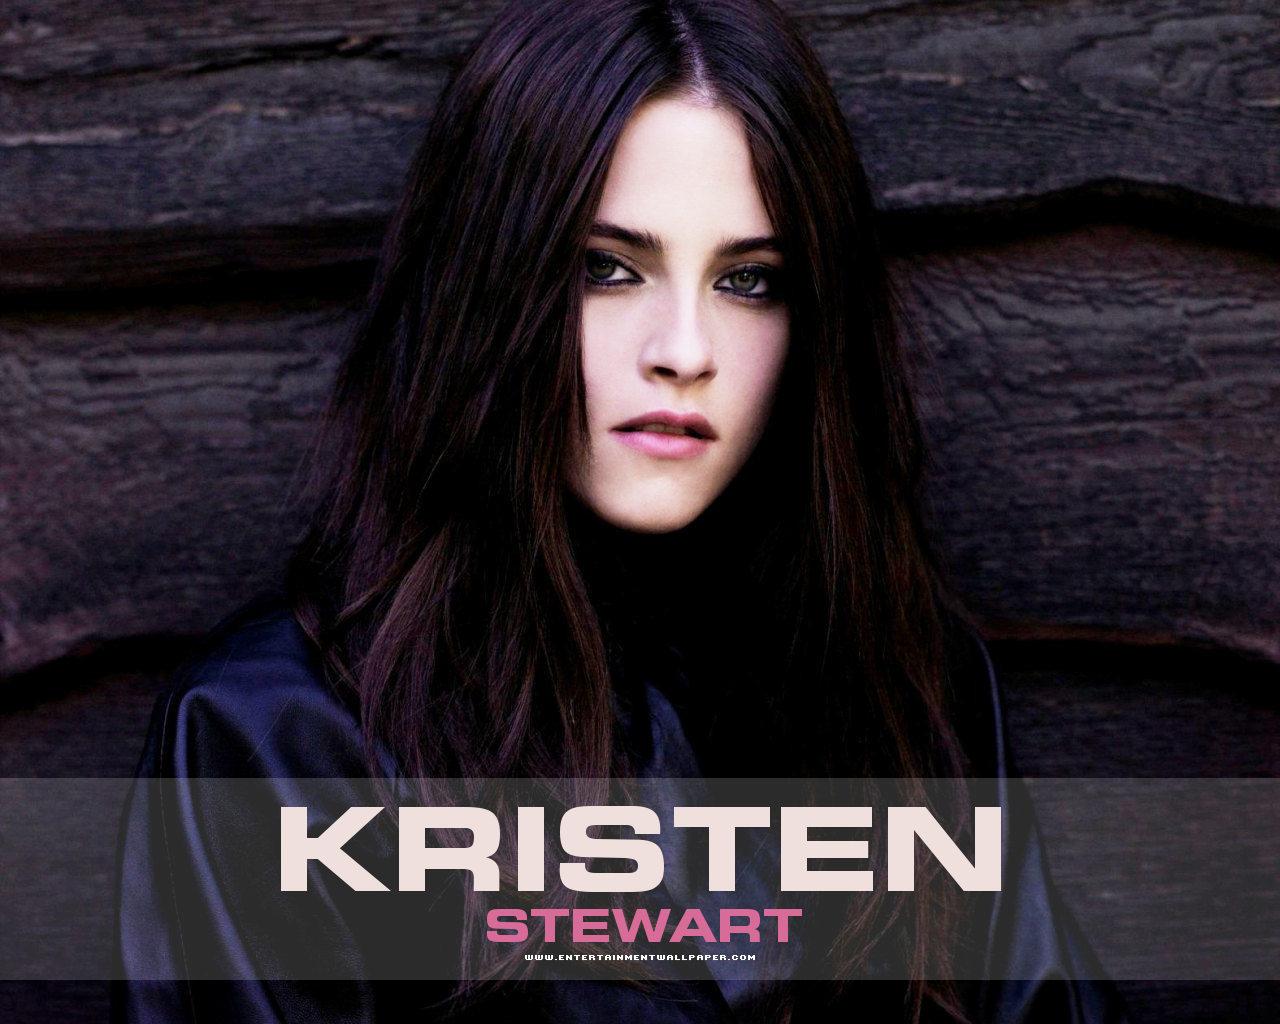 Stewart porn kristen Kristen Stewart